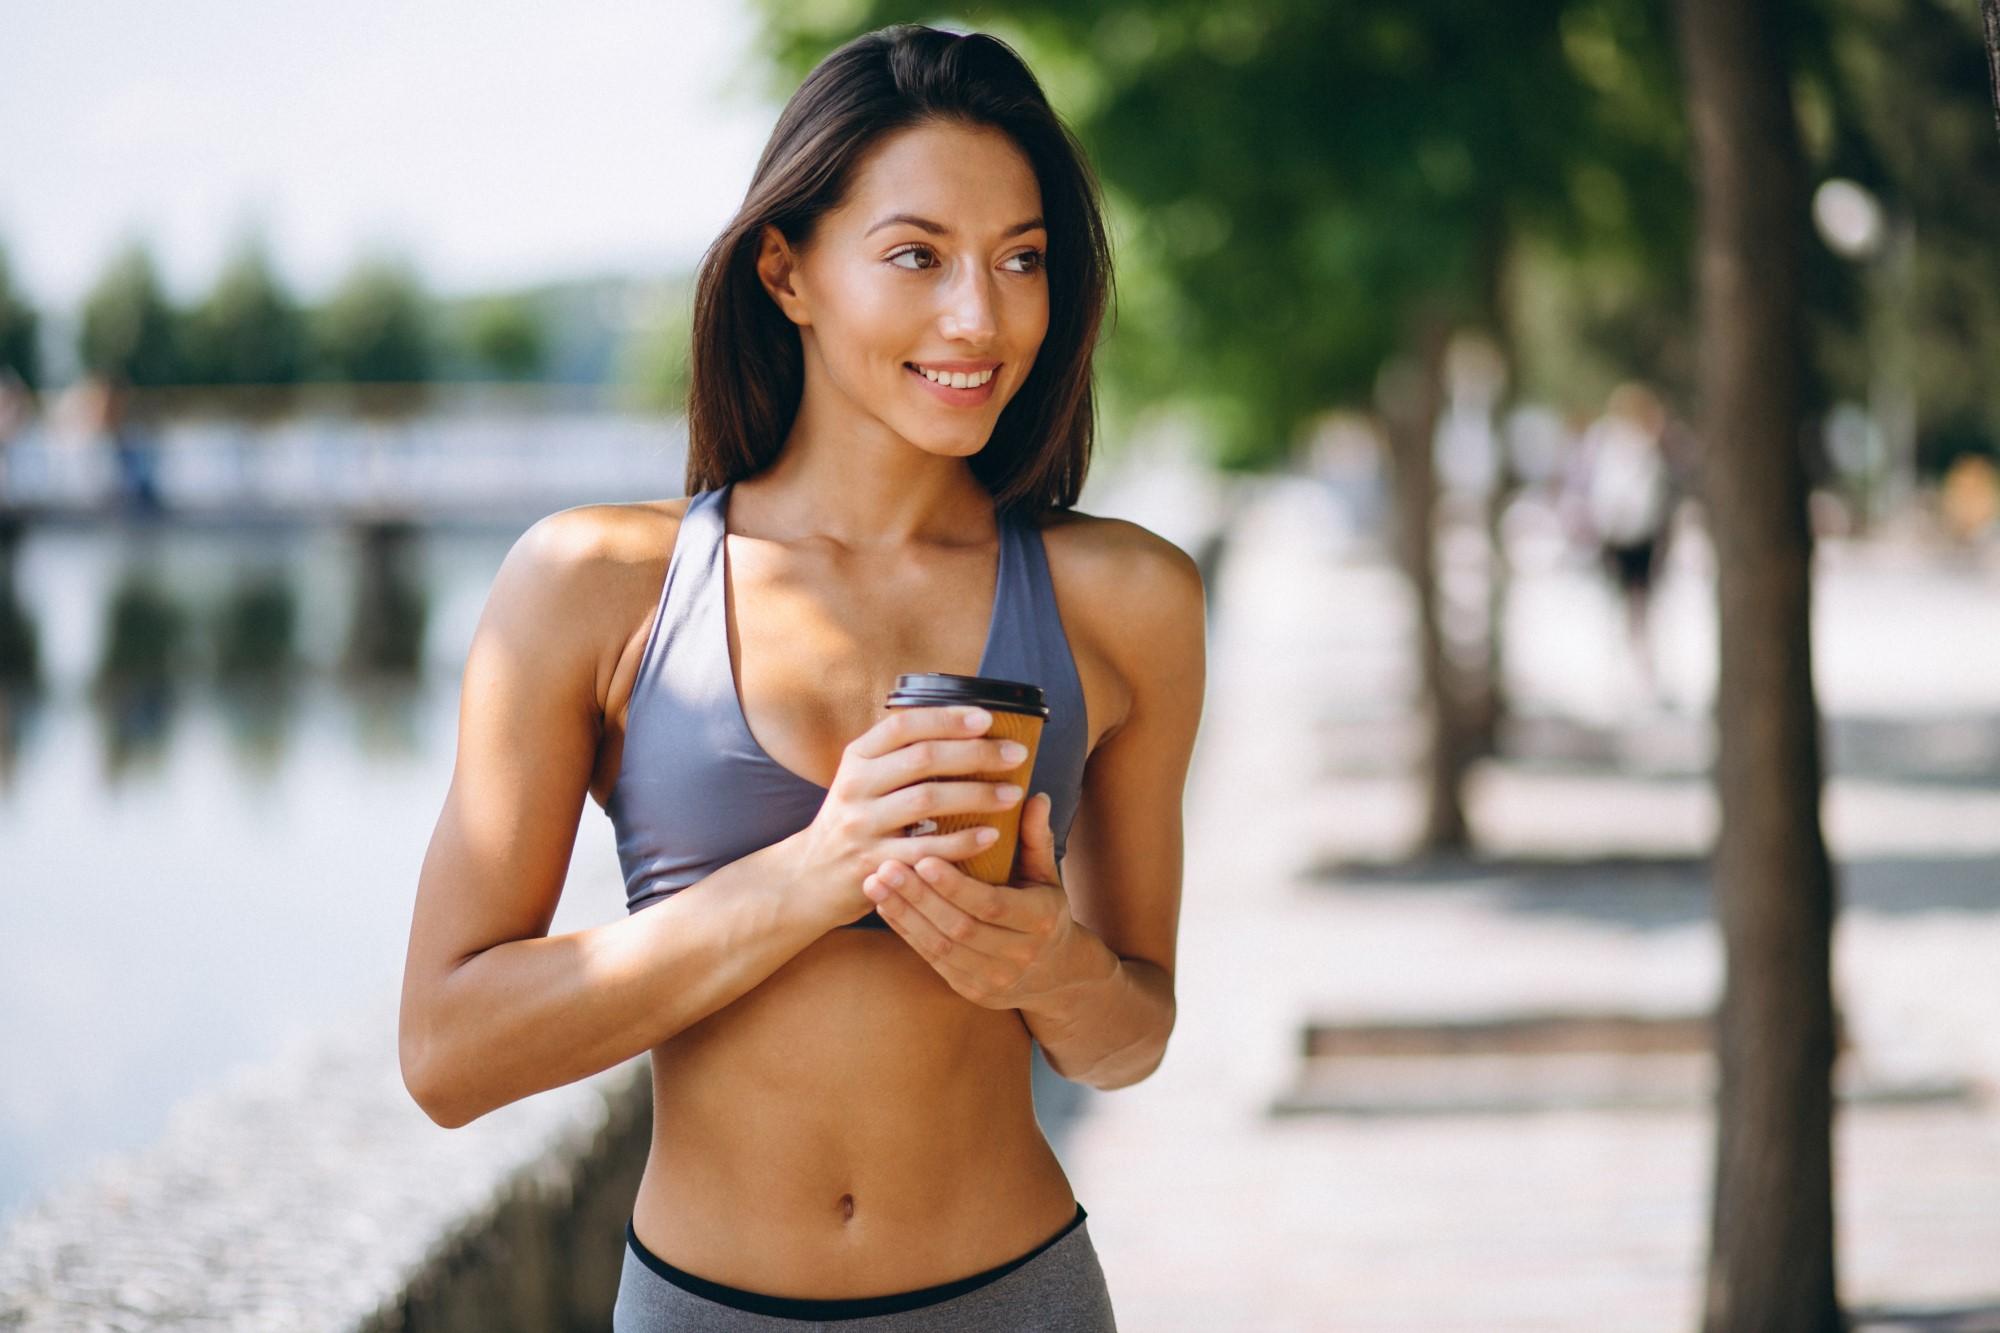 קפאין לפני פעילות גופנית- האם מועיל או מזיק